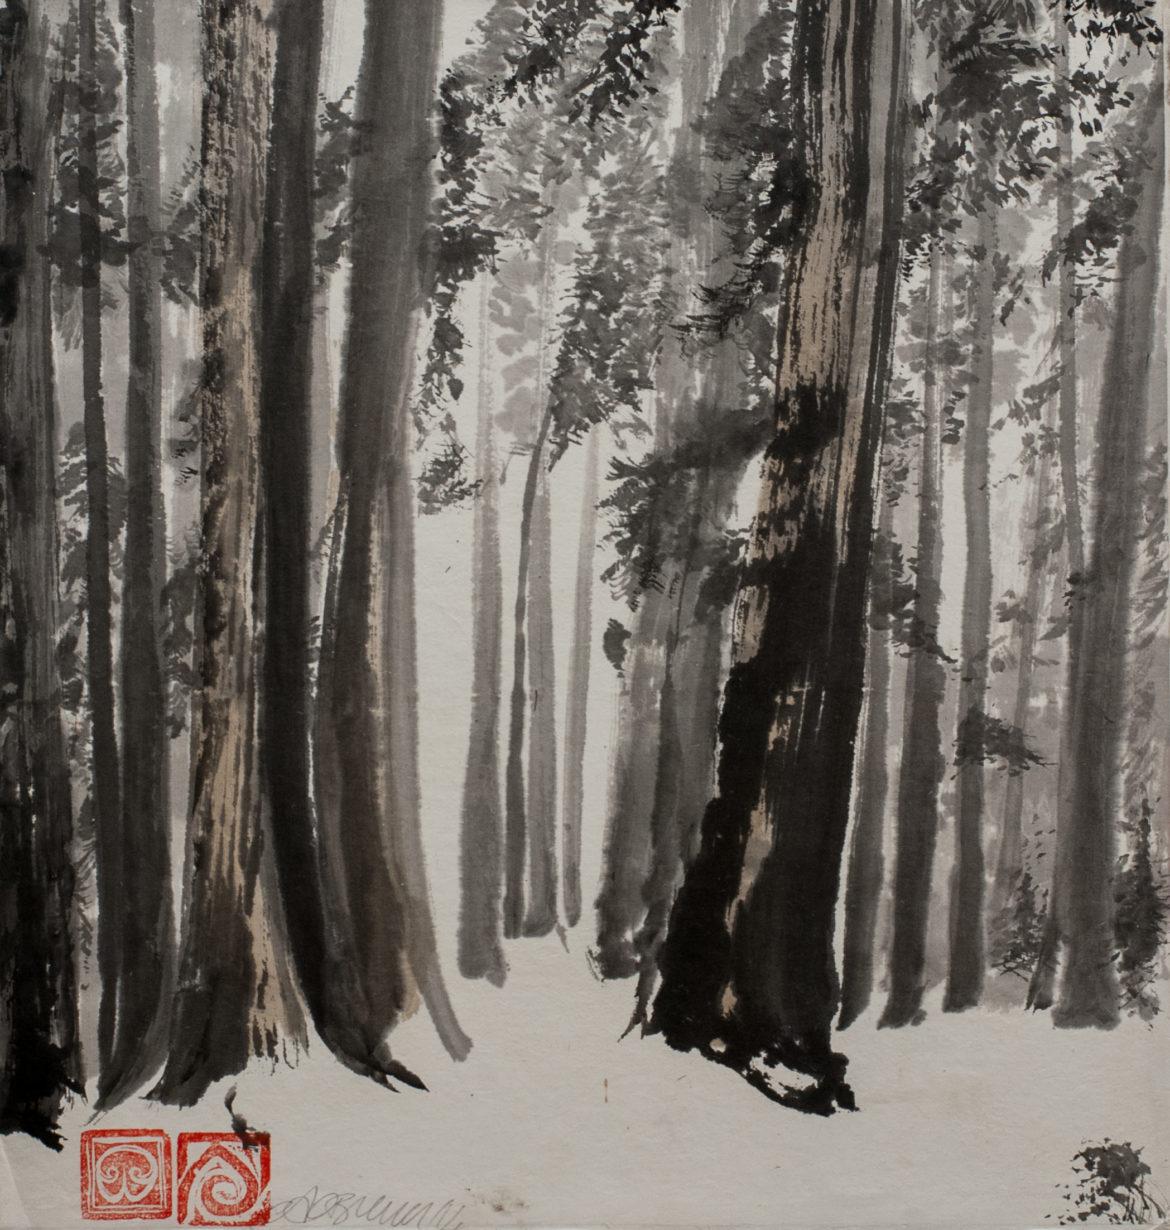 Sequoie china e mallo su carta di riso 32x34cm 2014 _72 dpi